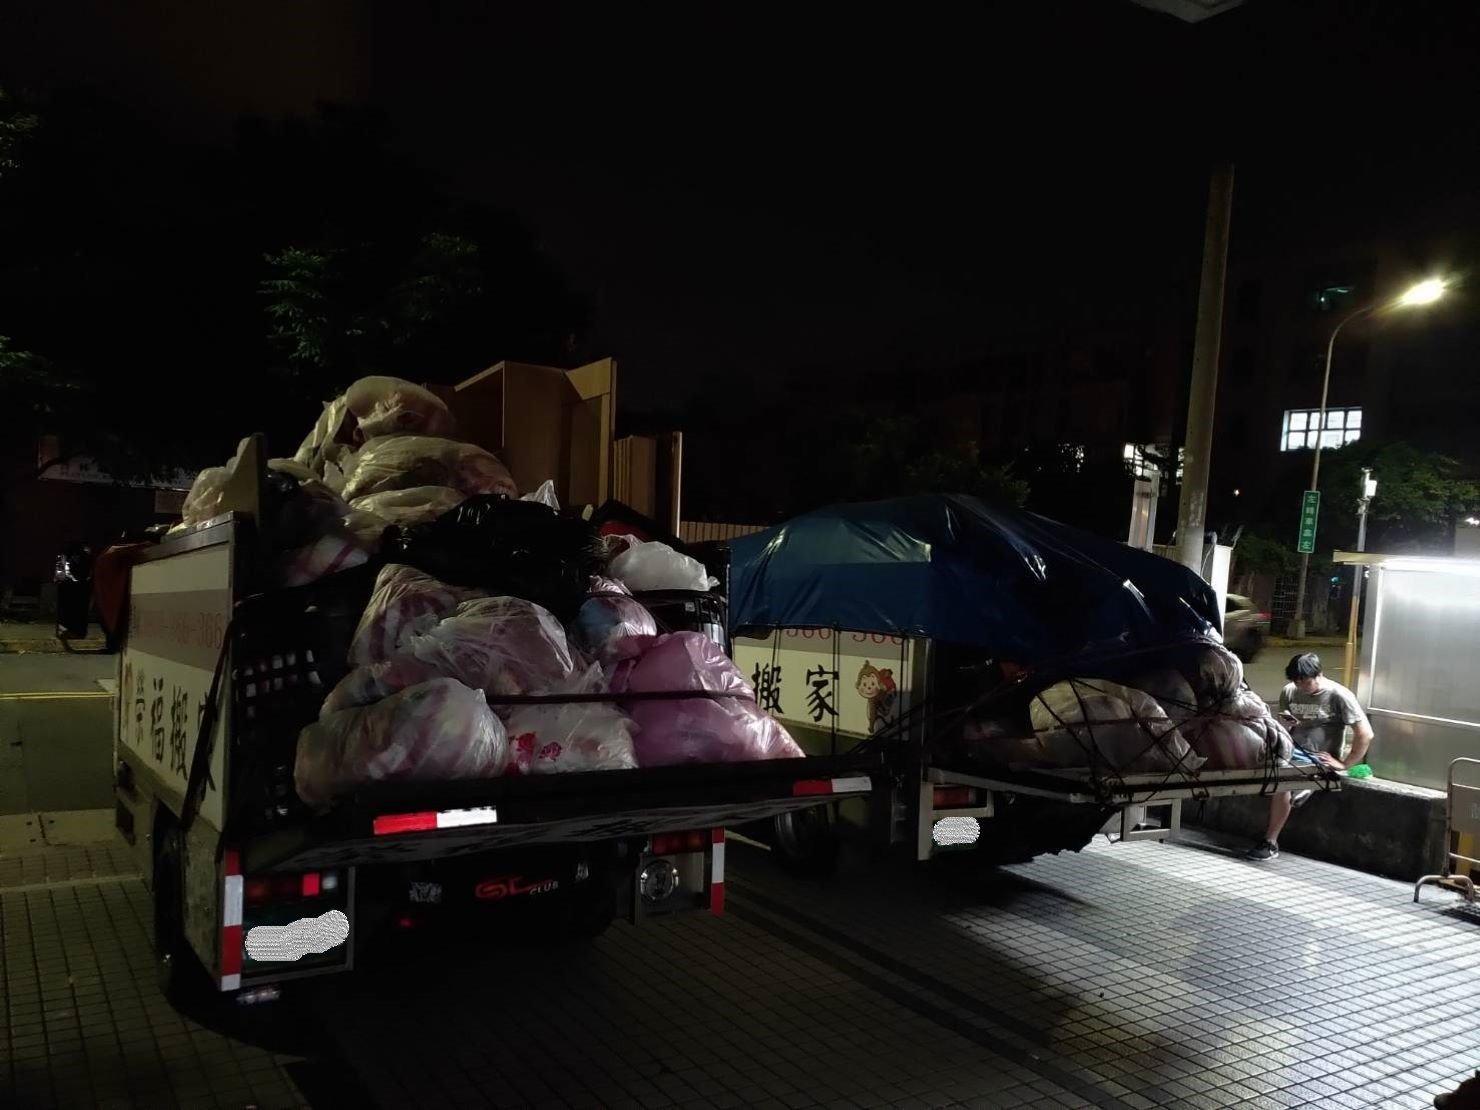 搬家公司【榮福搬家】搬垃圾,值得您的信賴與選擇:榮福搬家有提供廢棄物清運之服務項目,除了搬運顧客不要的家具物件外,也會將廢棄物直接載去配合的單位處理。